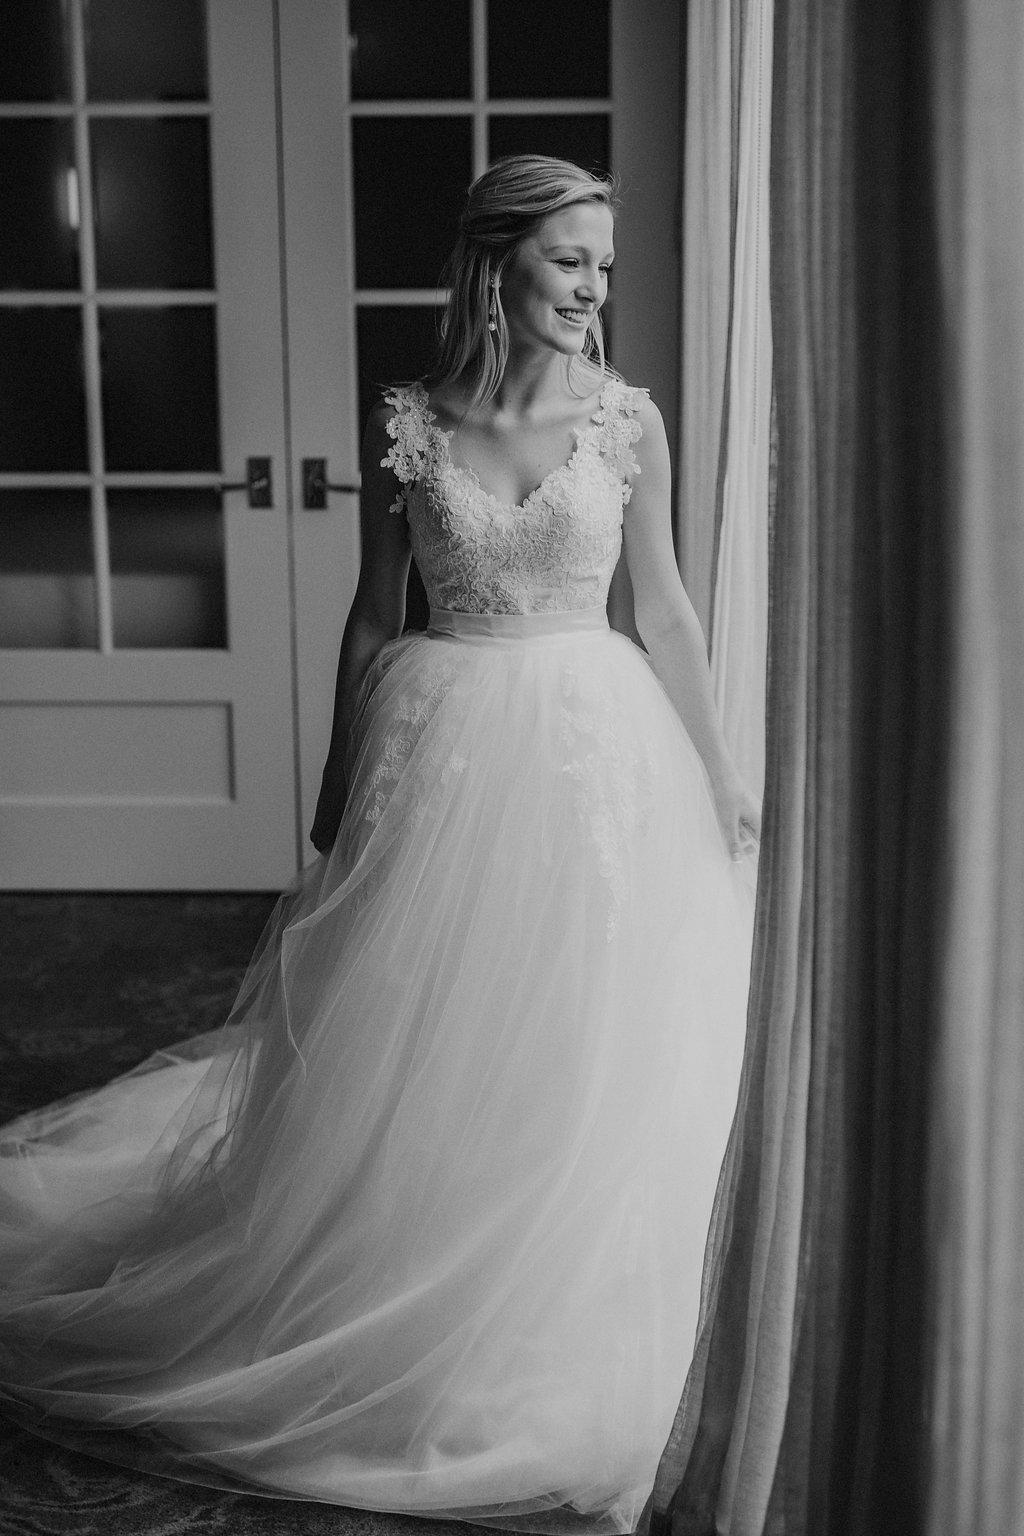 kennedy_bridals-10.jpg